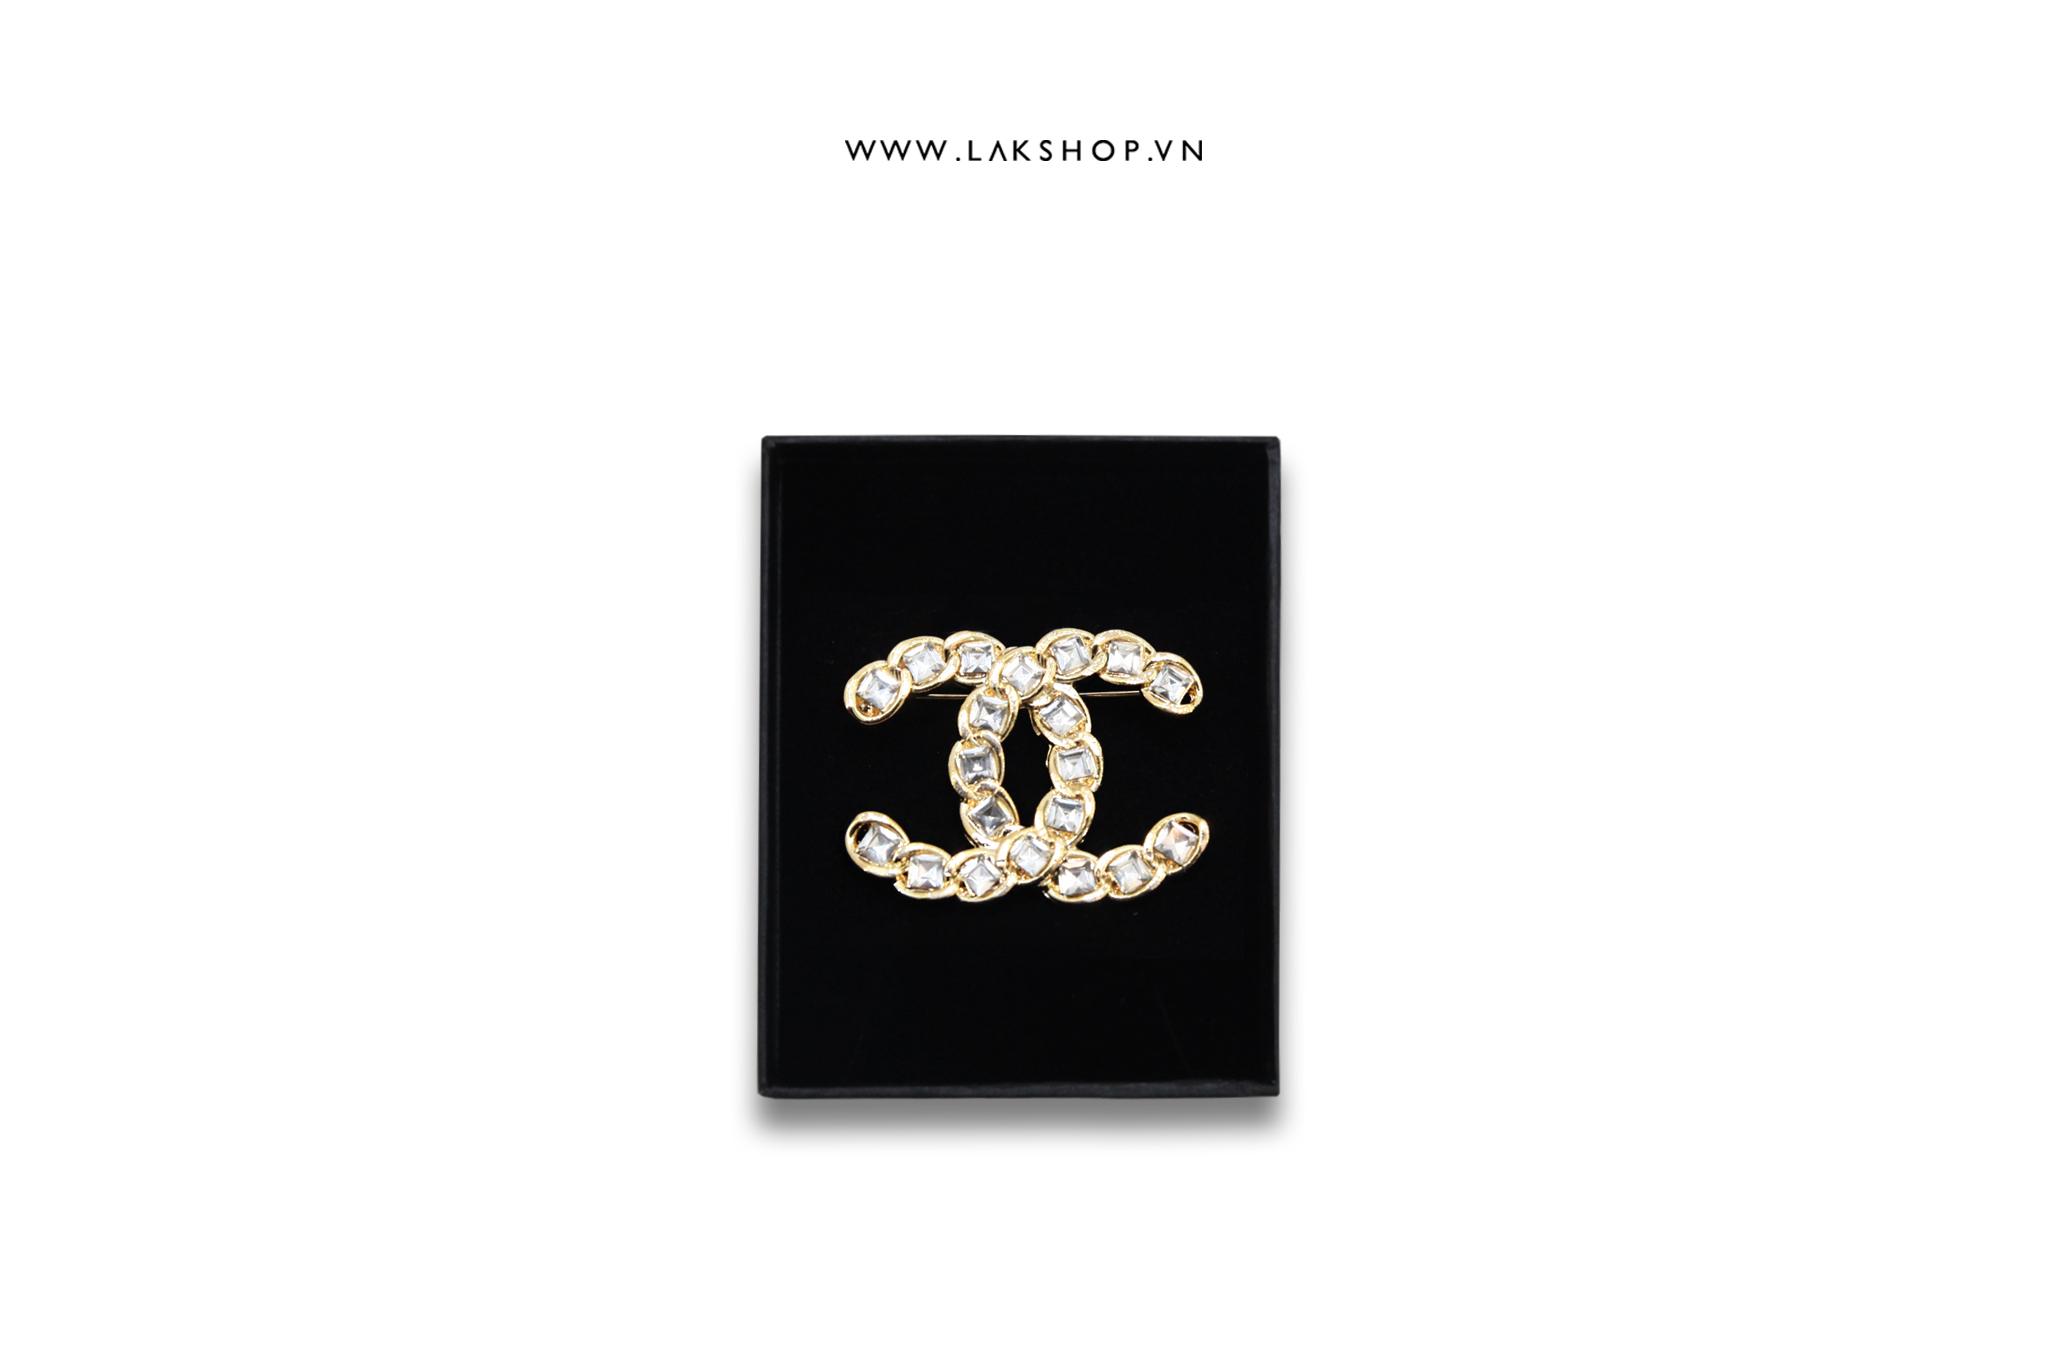 Trâm cài Logo Chanel Mắt Xích Đính Đá Vàng